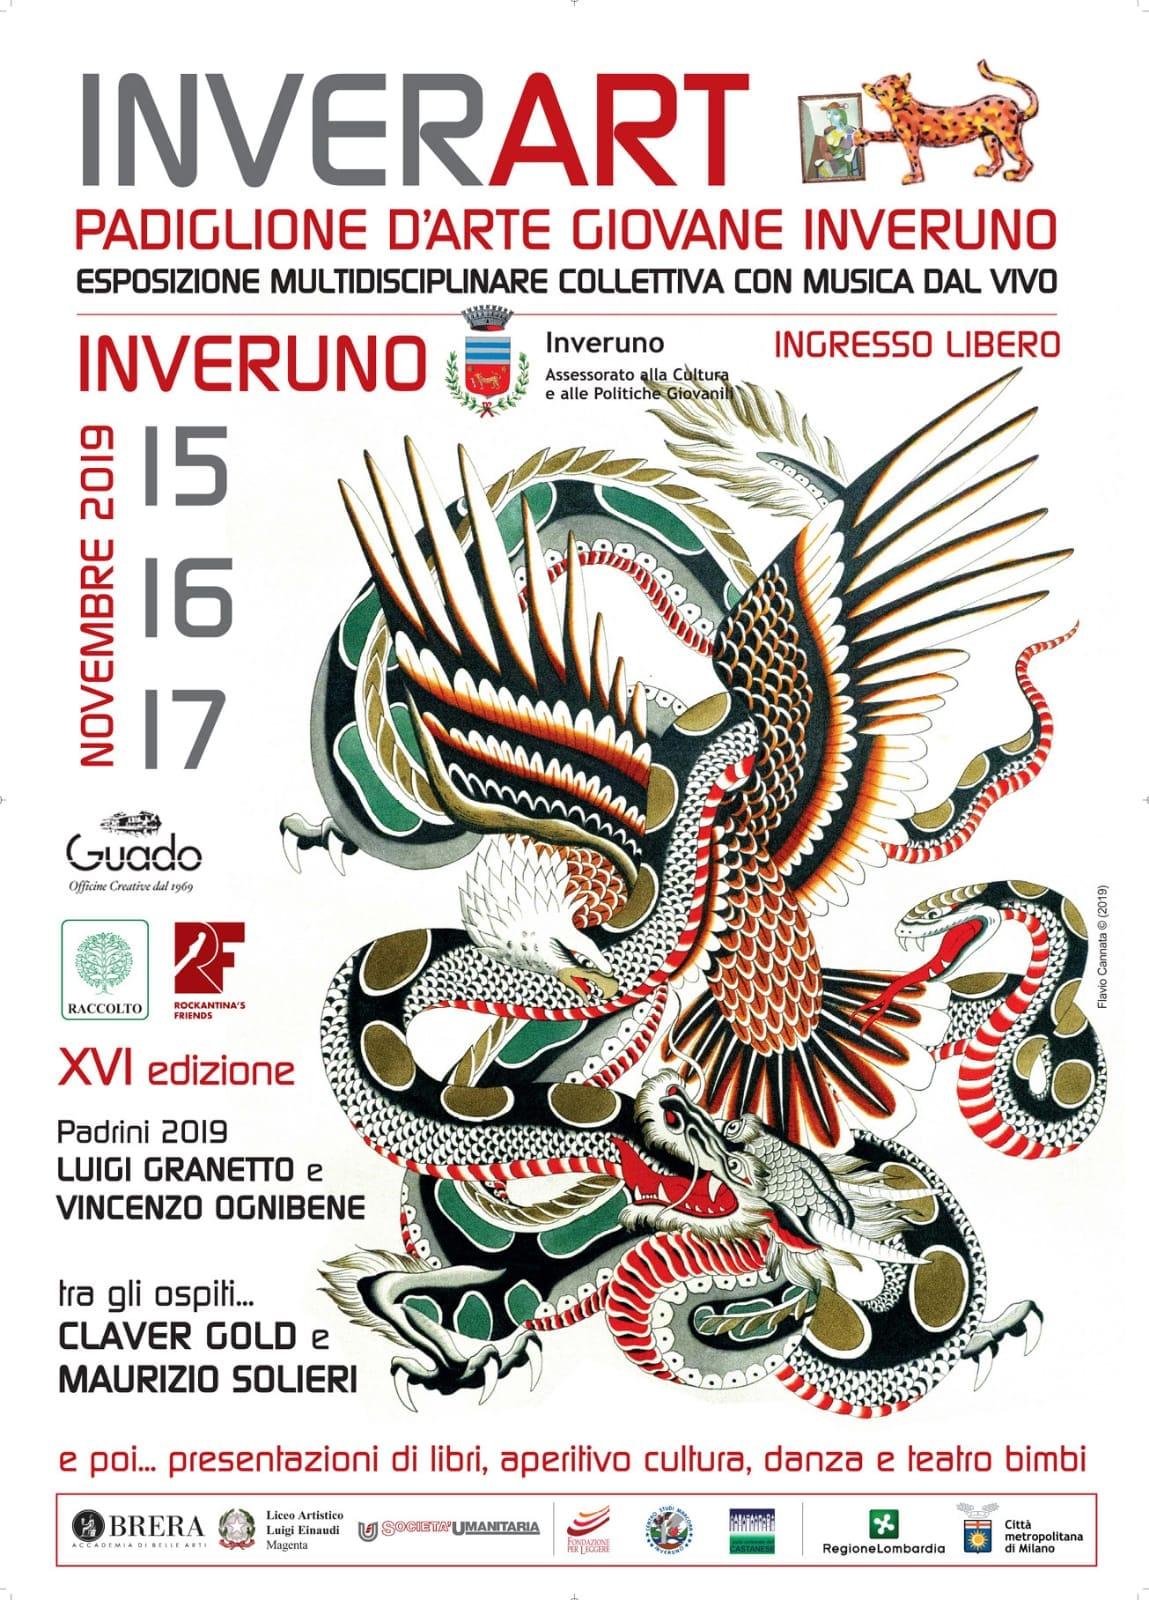 Mostra FOTOINFUGA INVERART 2019